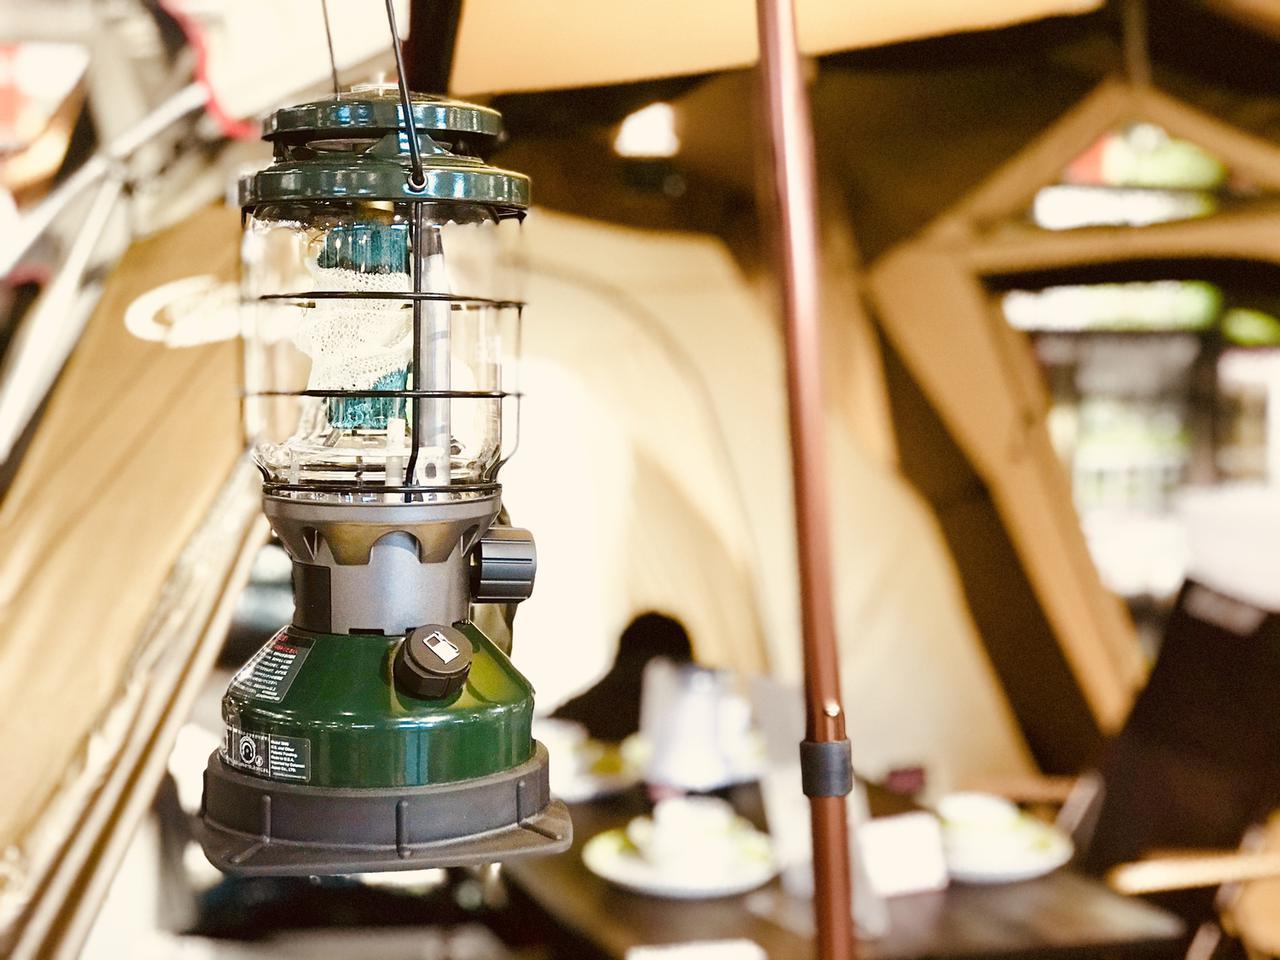 画像: 【キャンプ用ランタン】種類・燃料・特徴を徹底解説! LED・ガソリン・ガス・オイル 初心者必見!